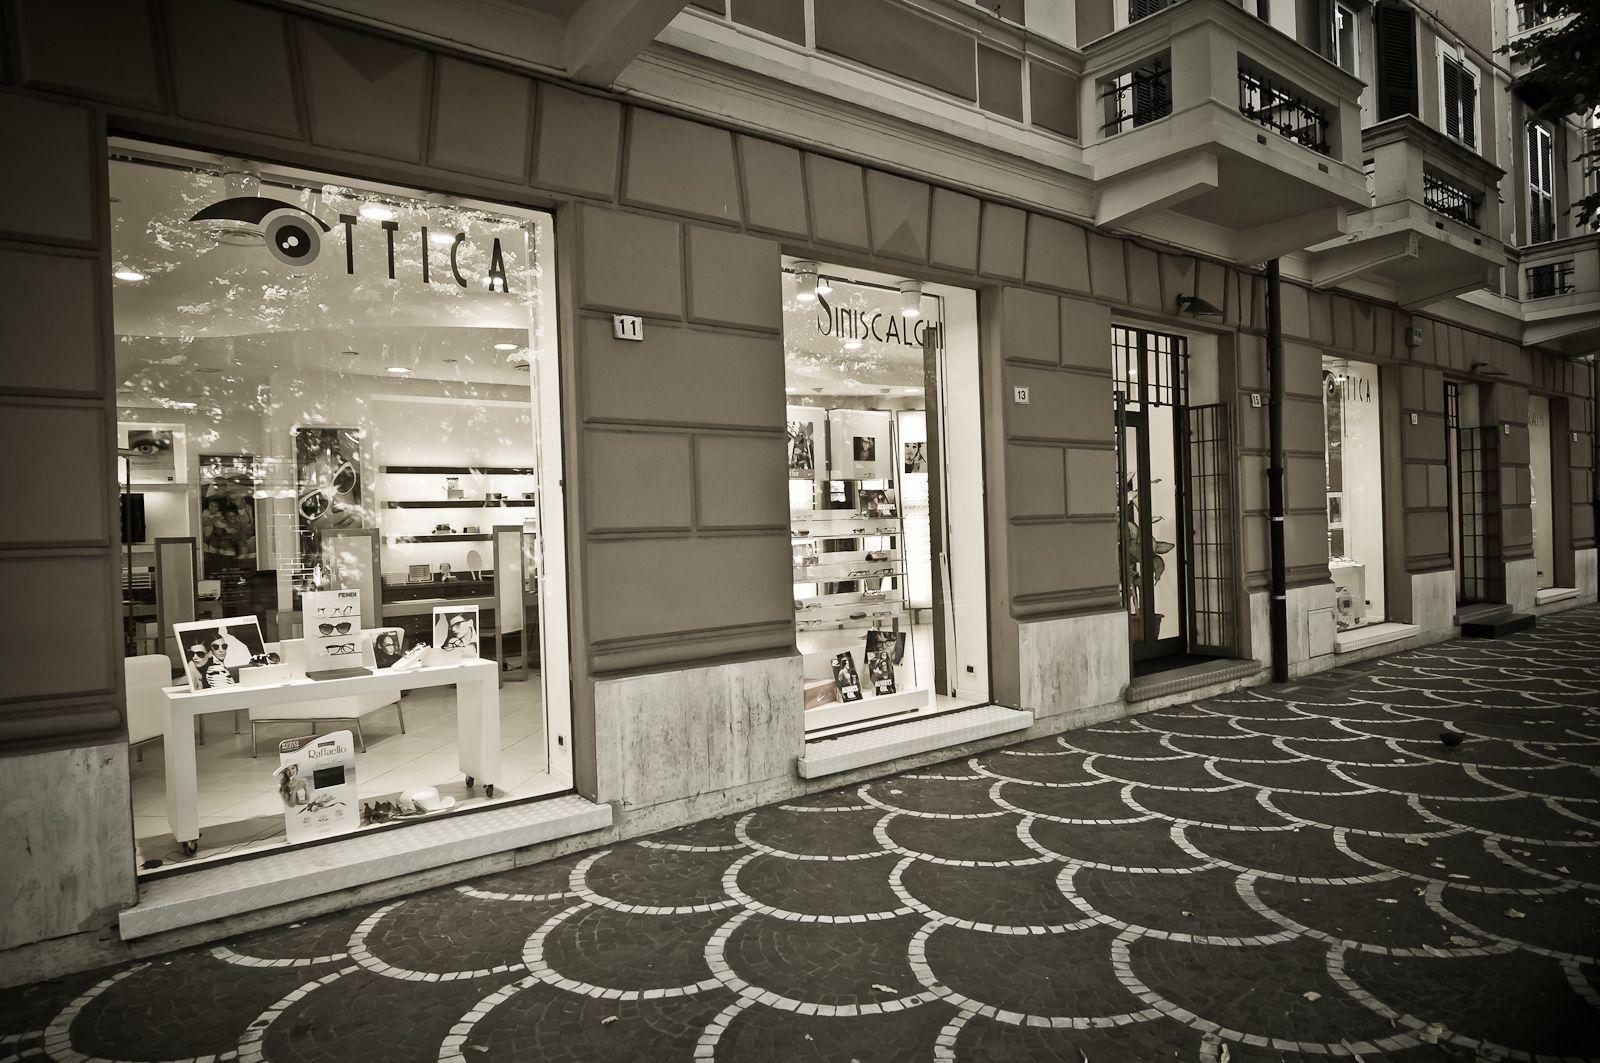 Veneta cucine albenga gallery of albenga via vecchia for Spaccio cucine